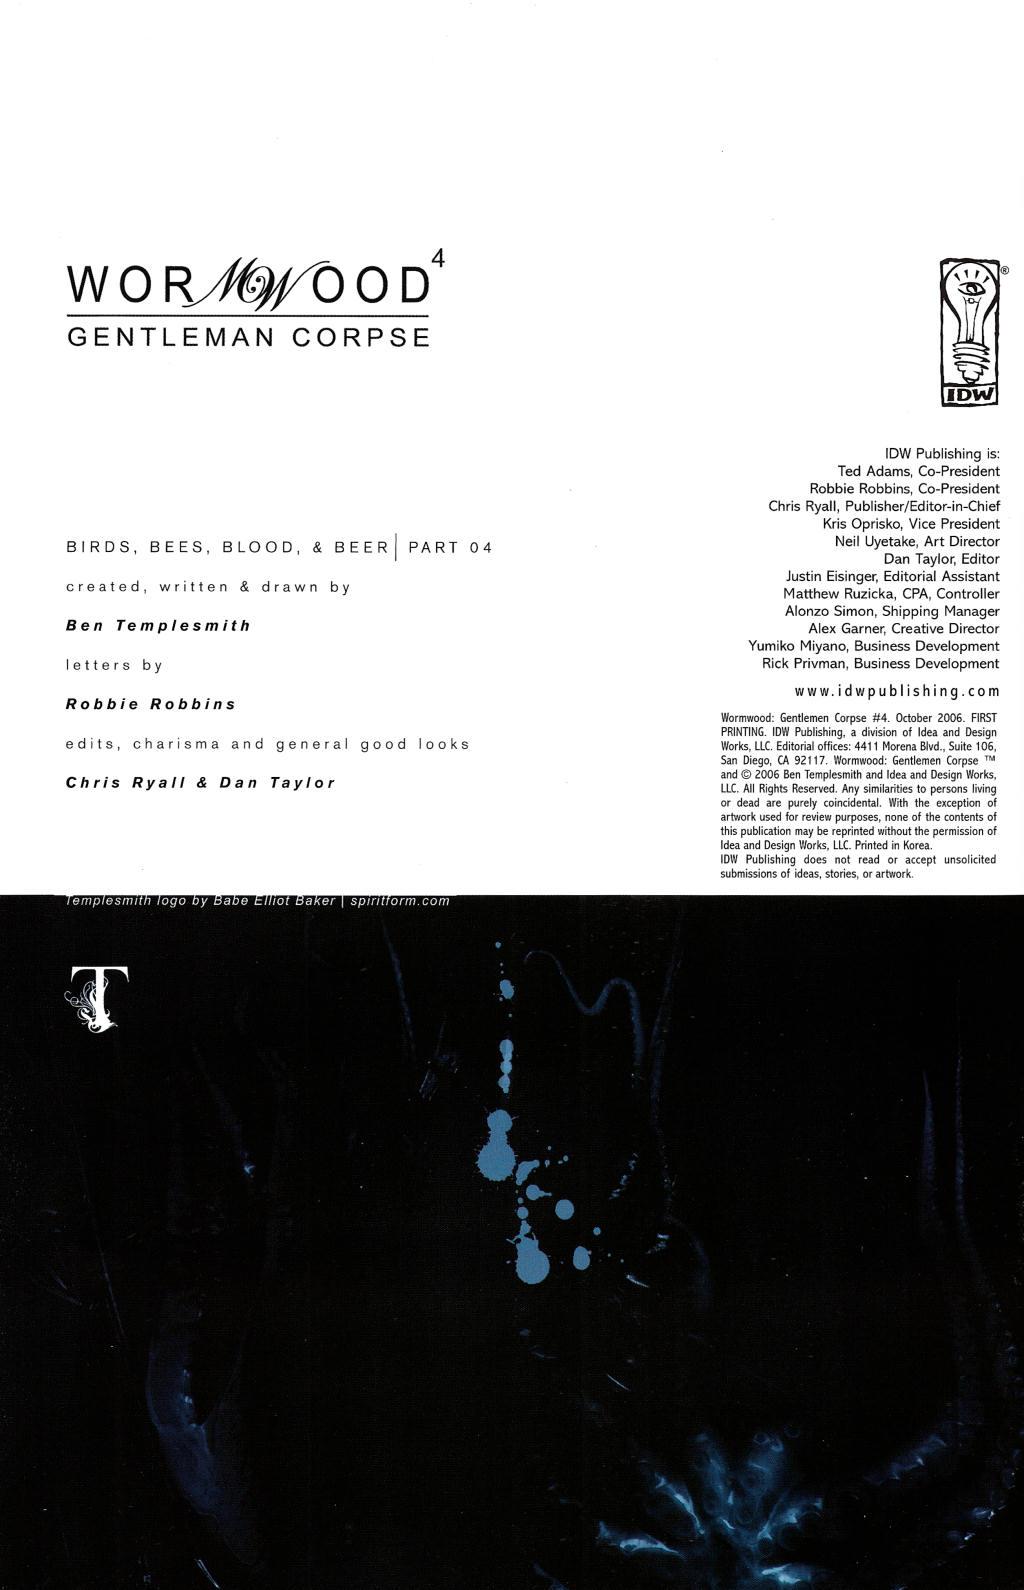 Read online Wormwood: Gentleman Corpse comic -  Issue #4 - 3